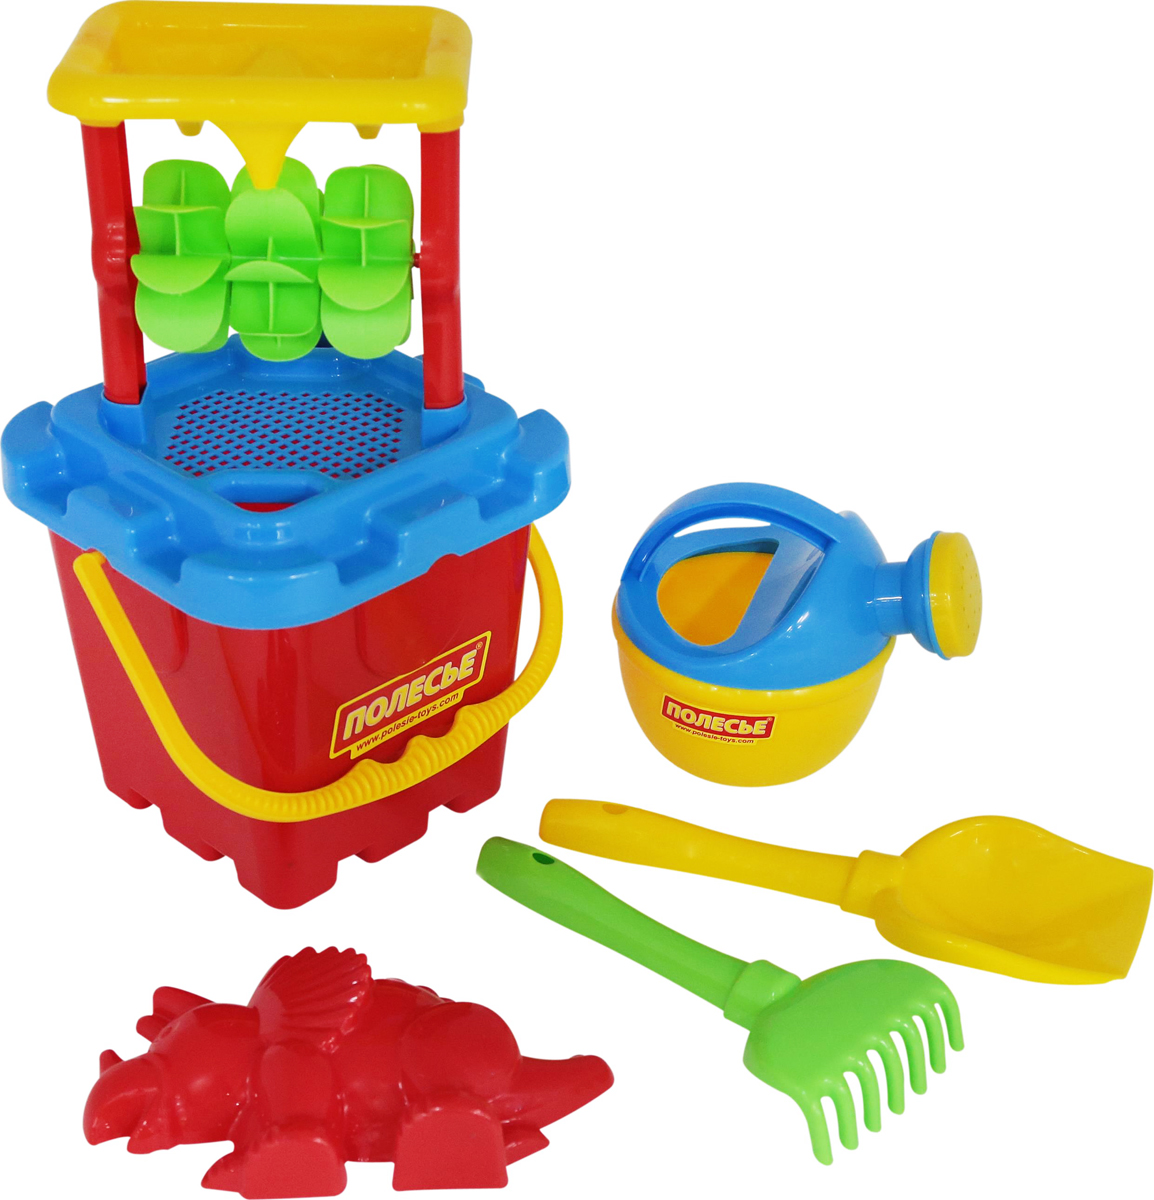 Фото - Полесье Набор игрушек для песочницы №285, цвет в ассортименте полесье набор игрушек для песочницы 468 цвет в ассортименте